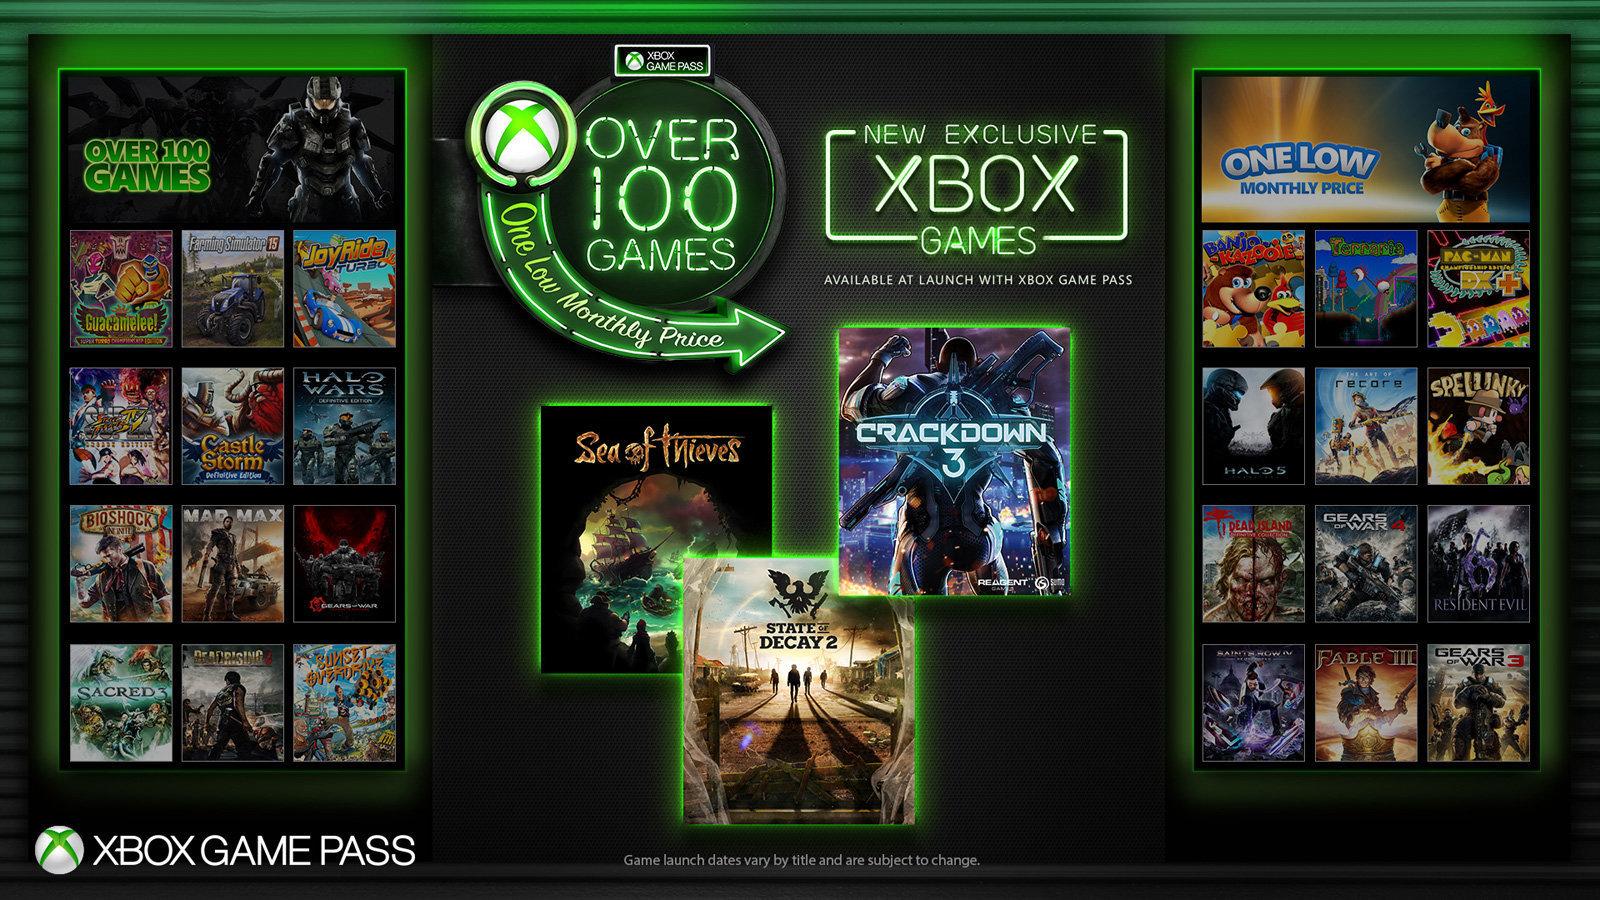 PS5 vs Xbox 2 (Scarlett)